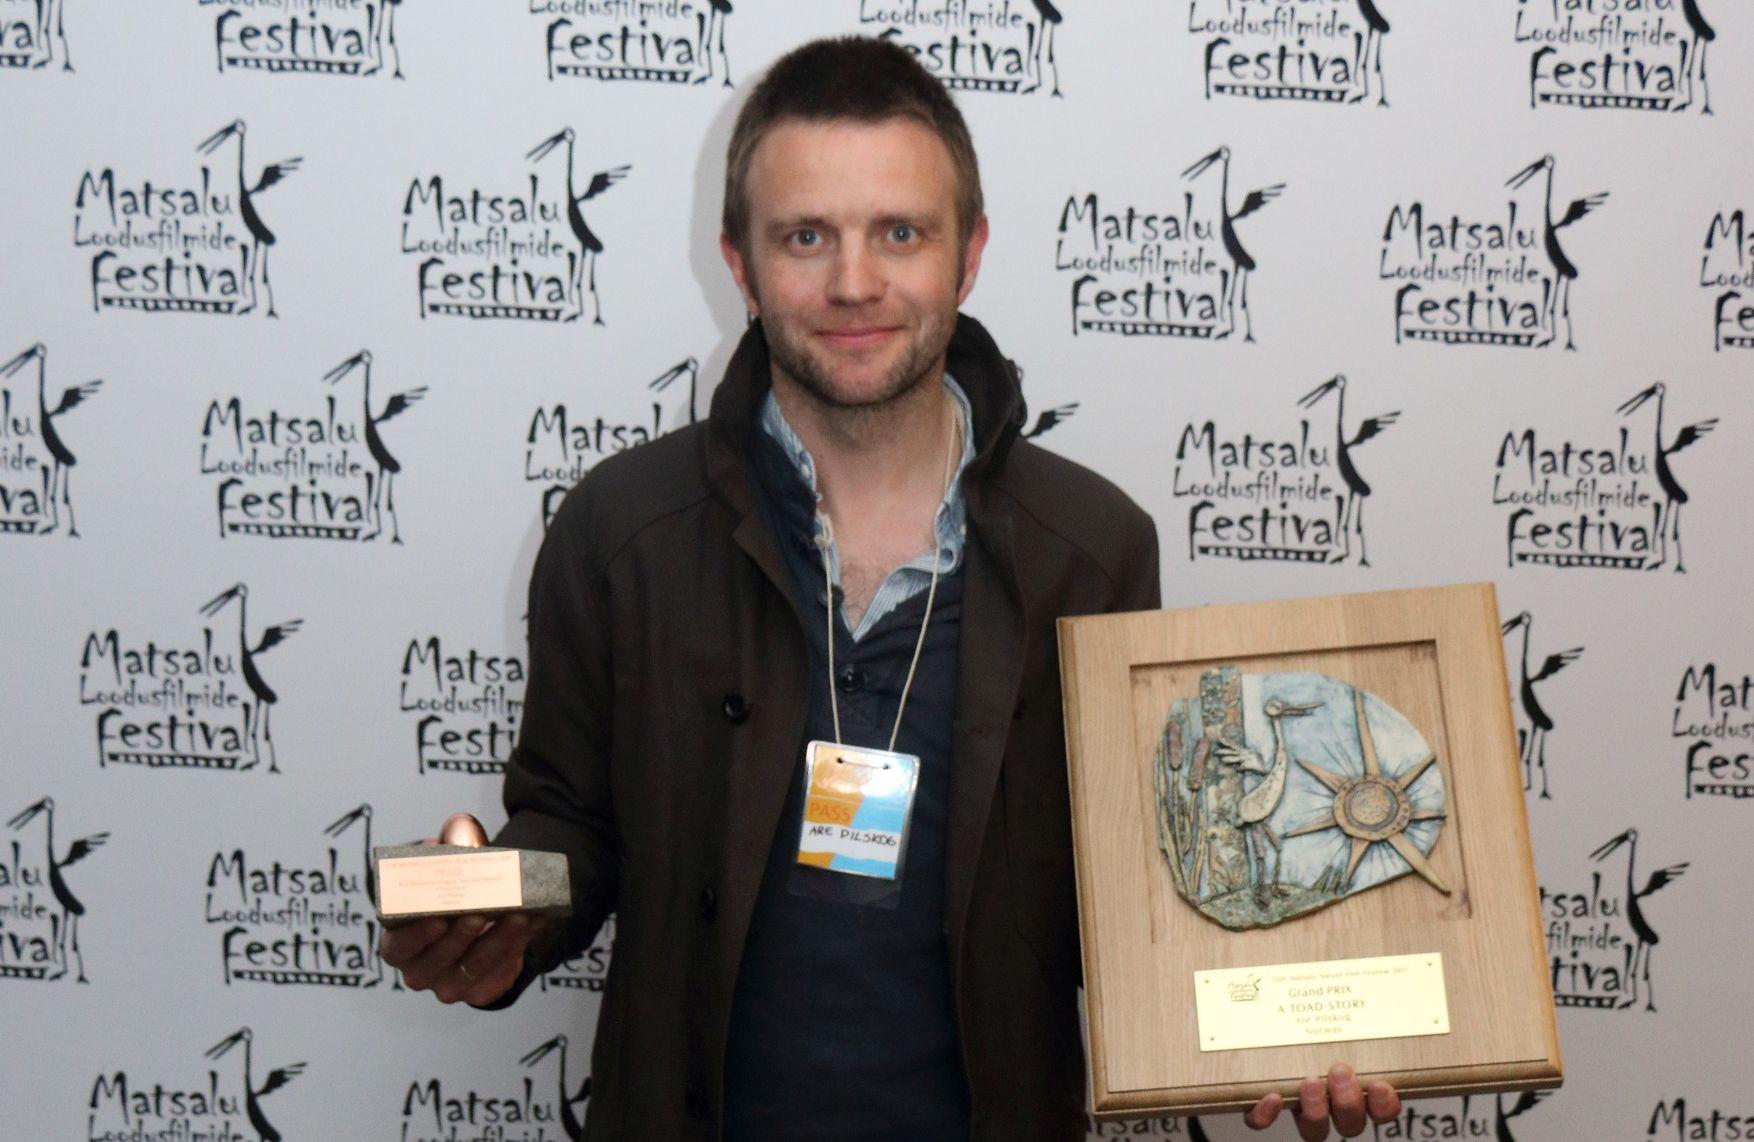 Matsalu loodusfilmide festivalil autasustati parimaid loodusfilme